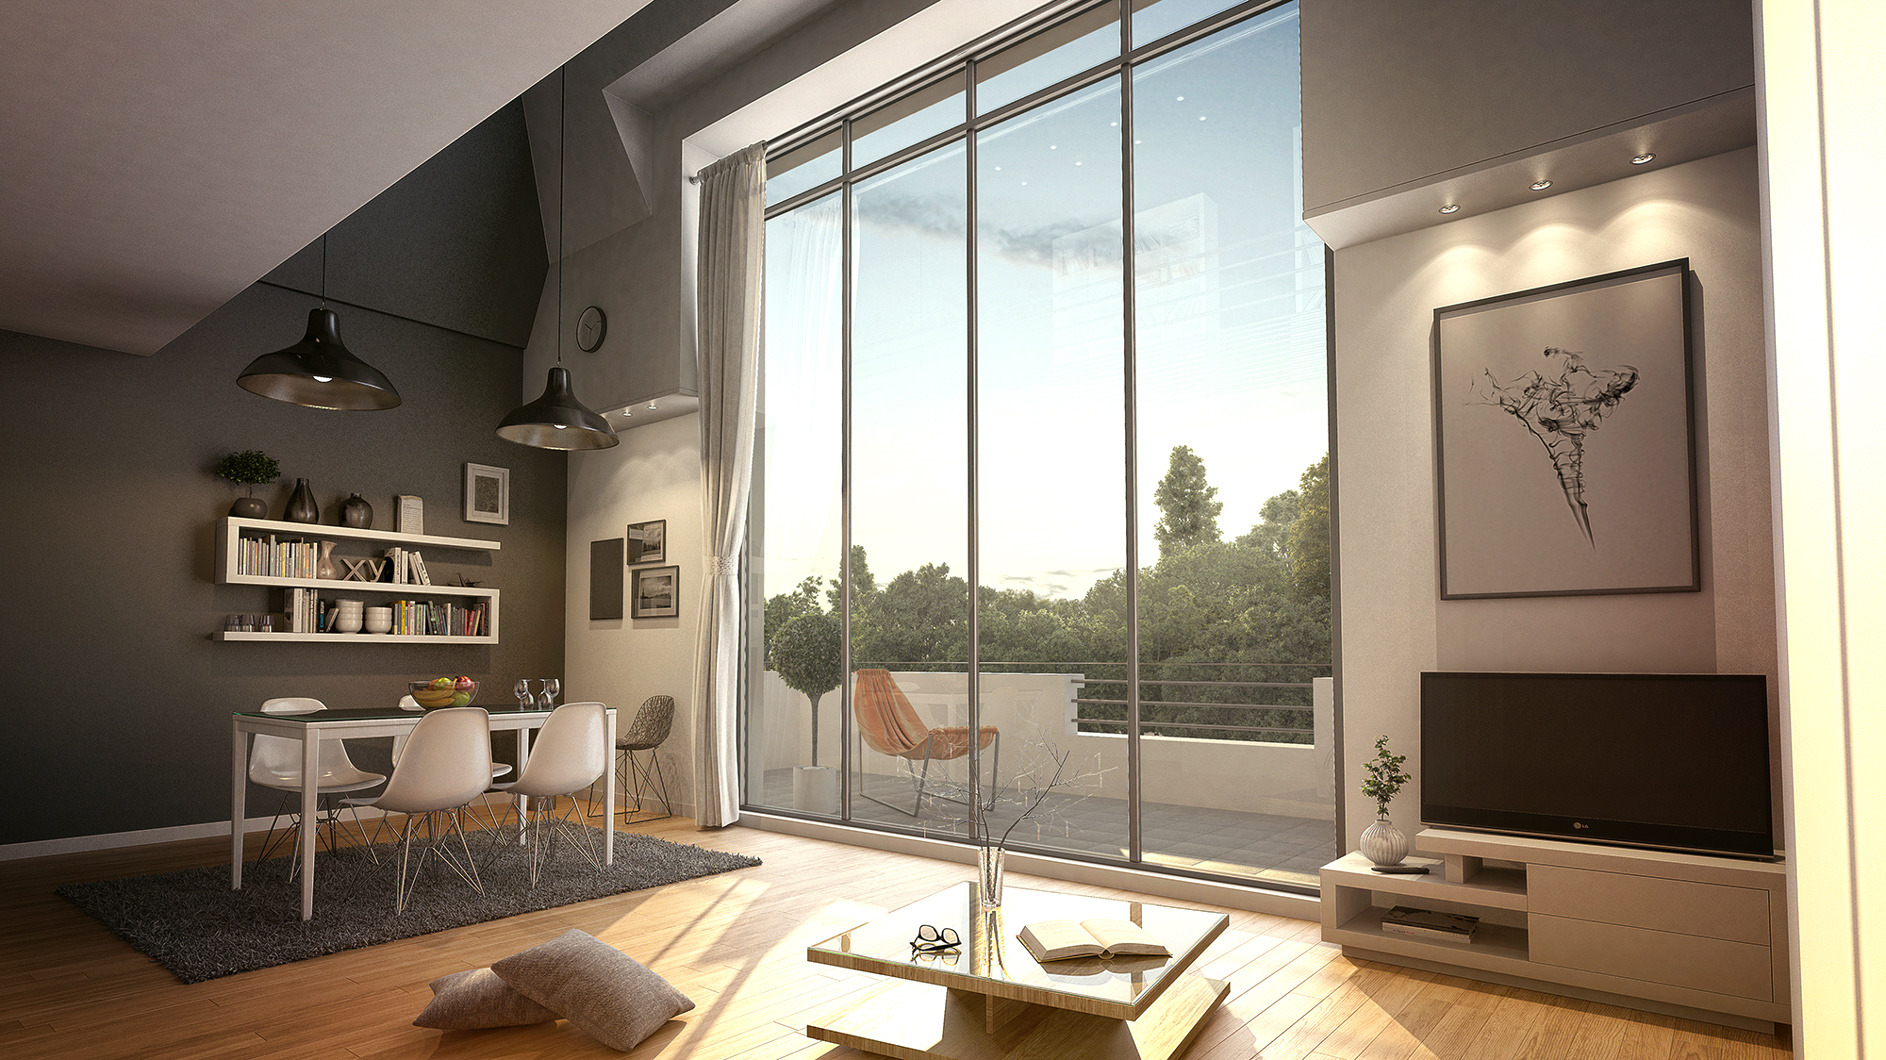 Dripmoon-archvis-graphiste3D-architecture-images-3D-Saint-Cyr (1)